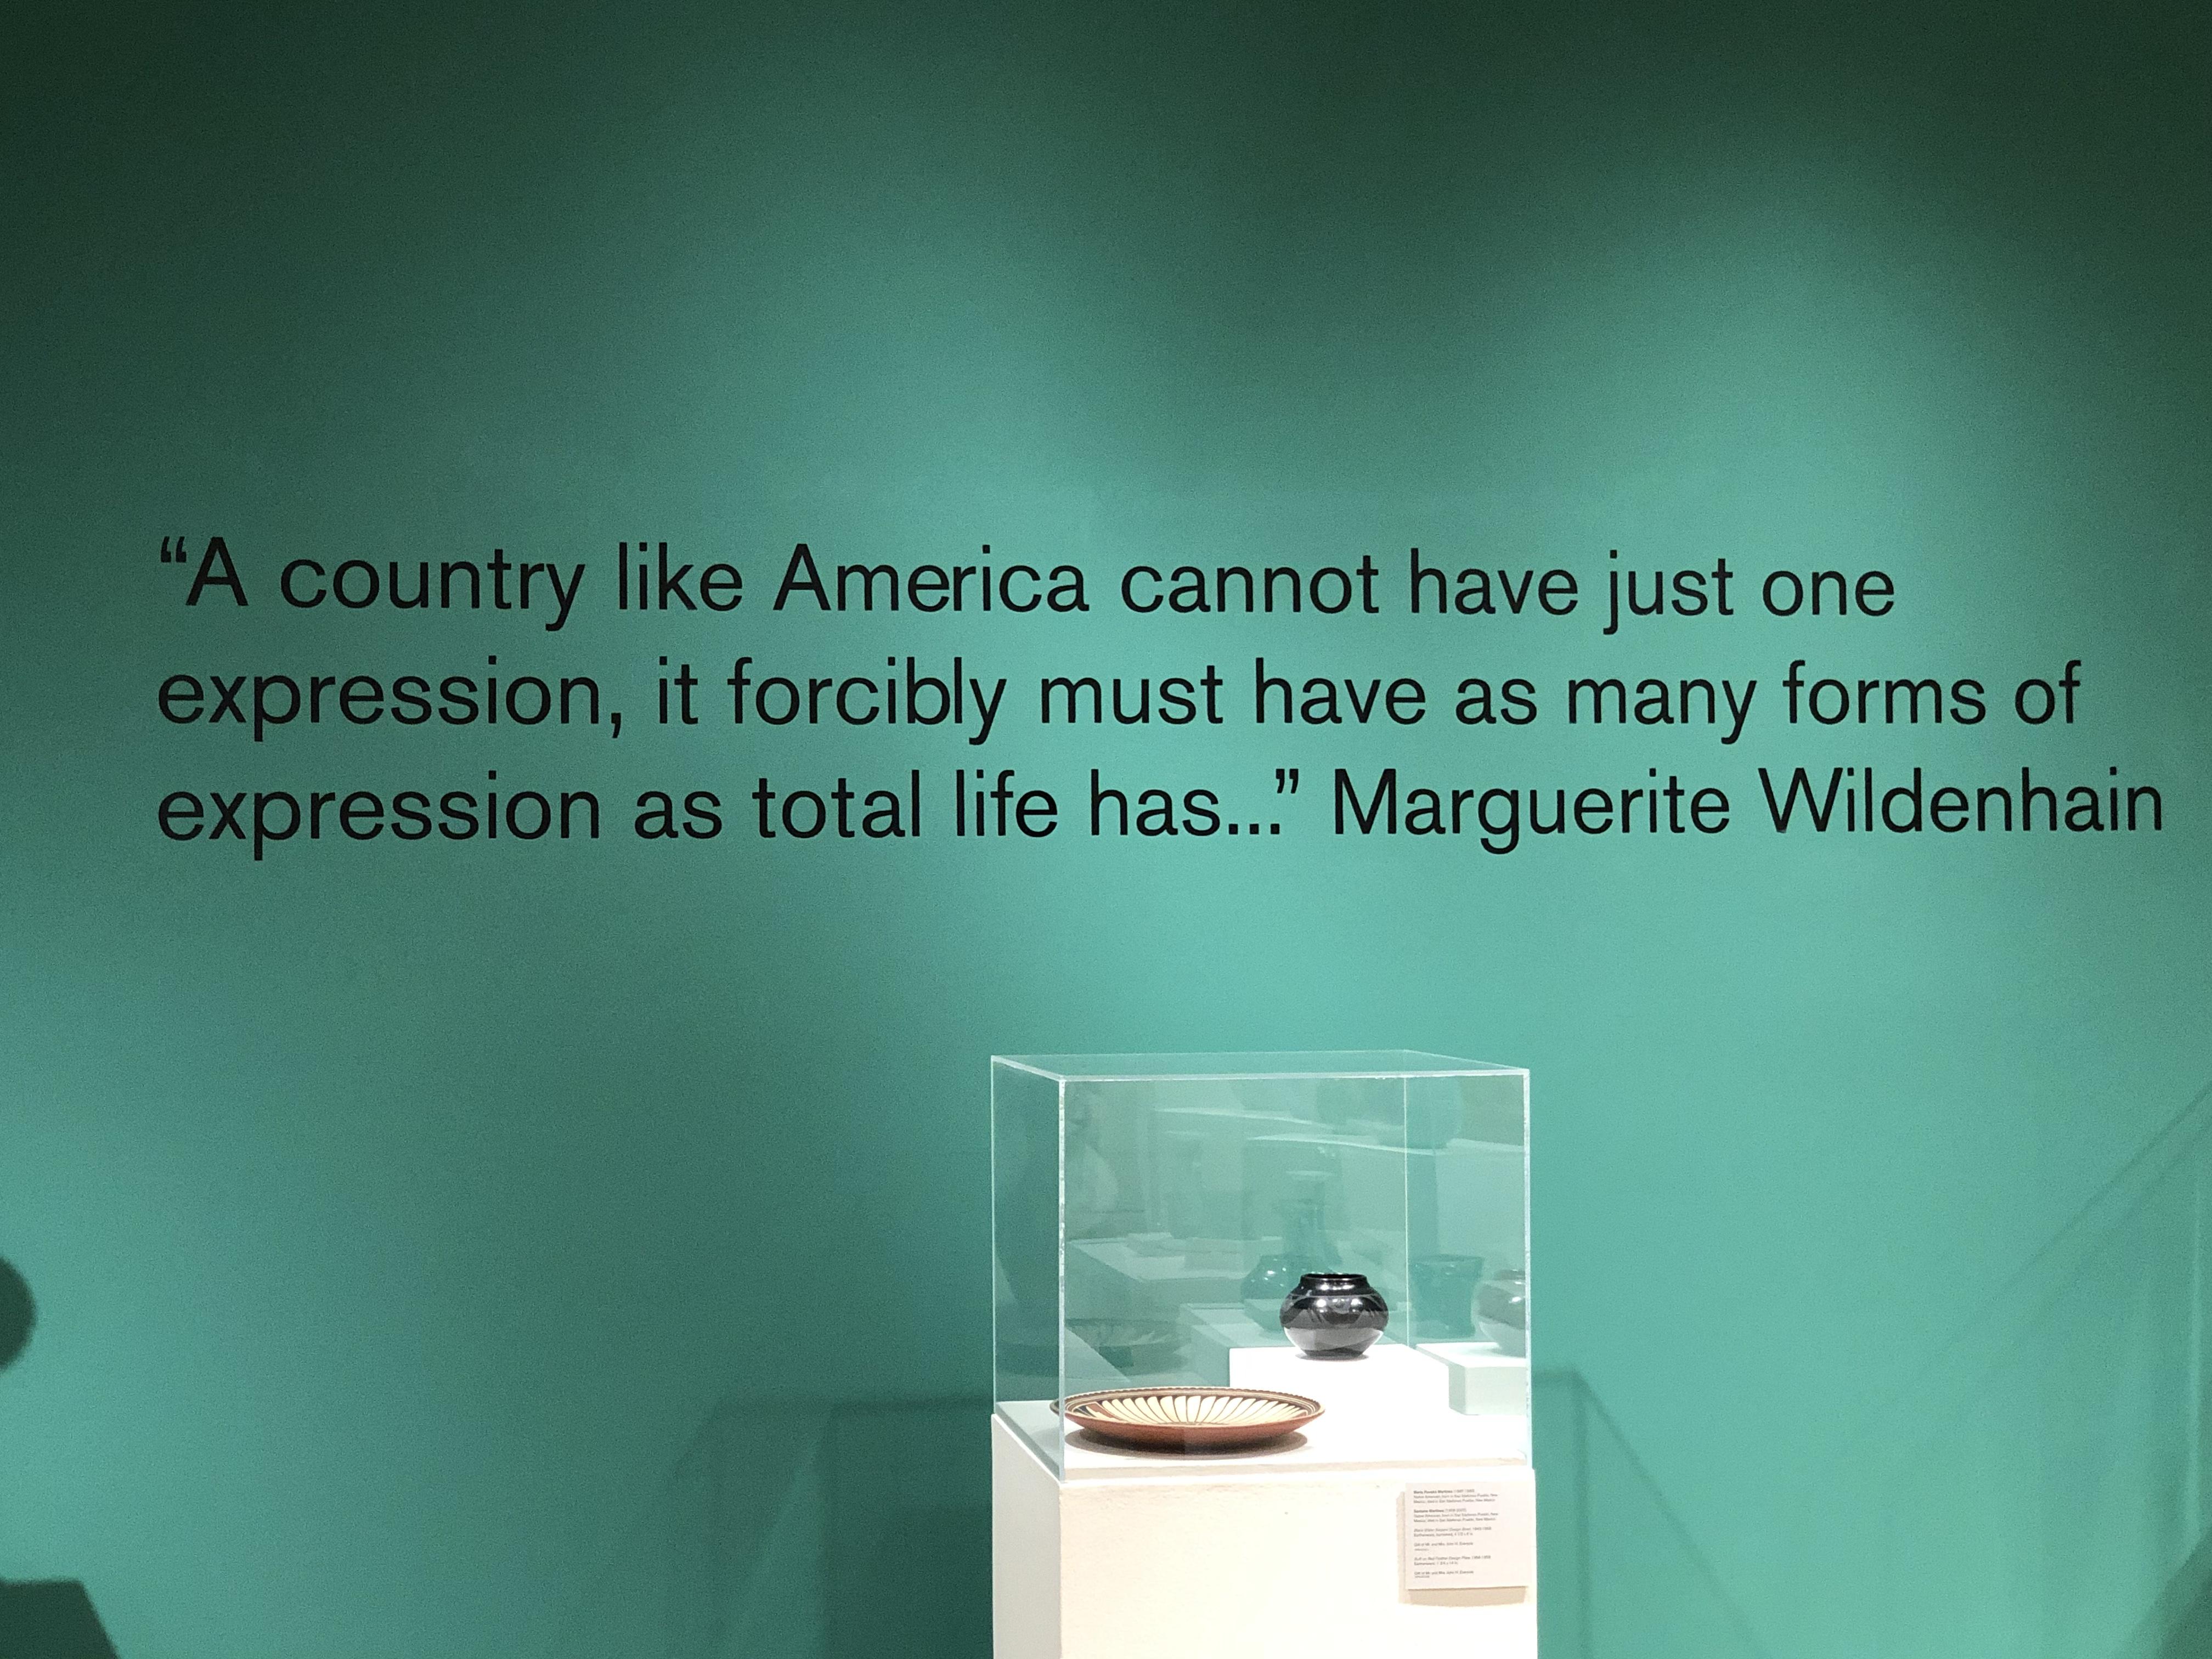 Quote by Marguerite Wildenhain